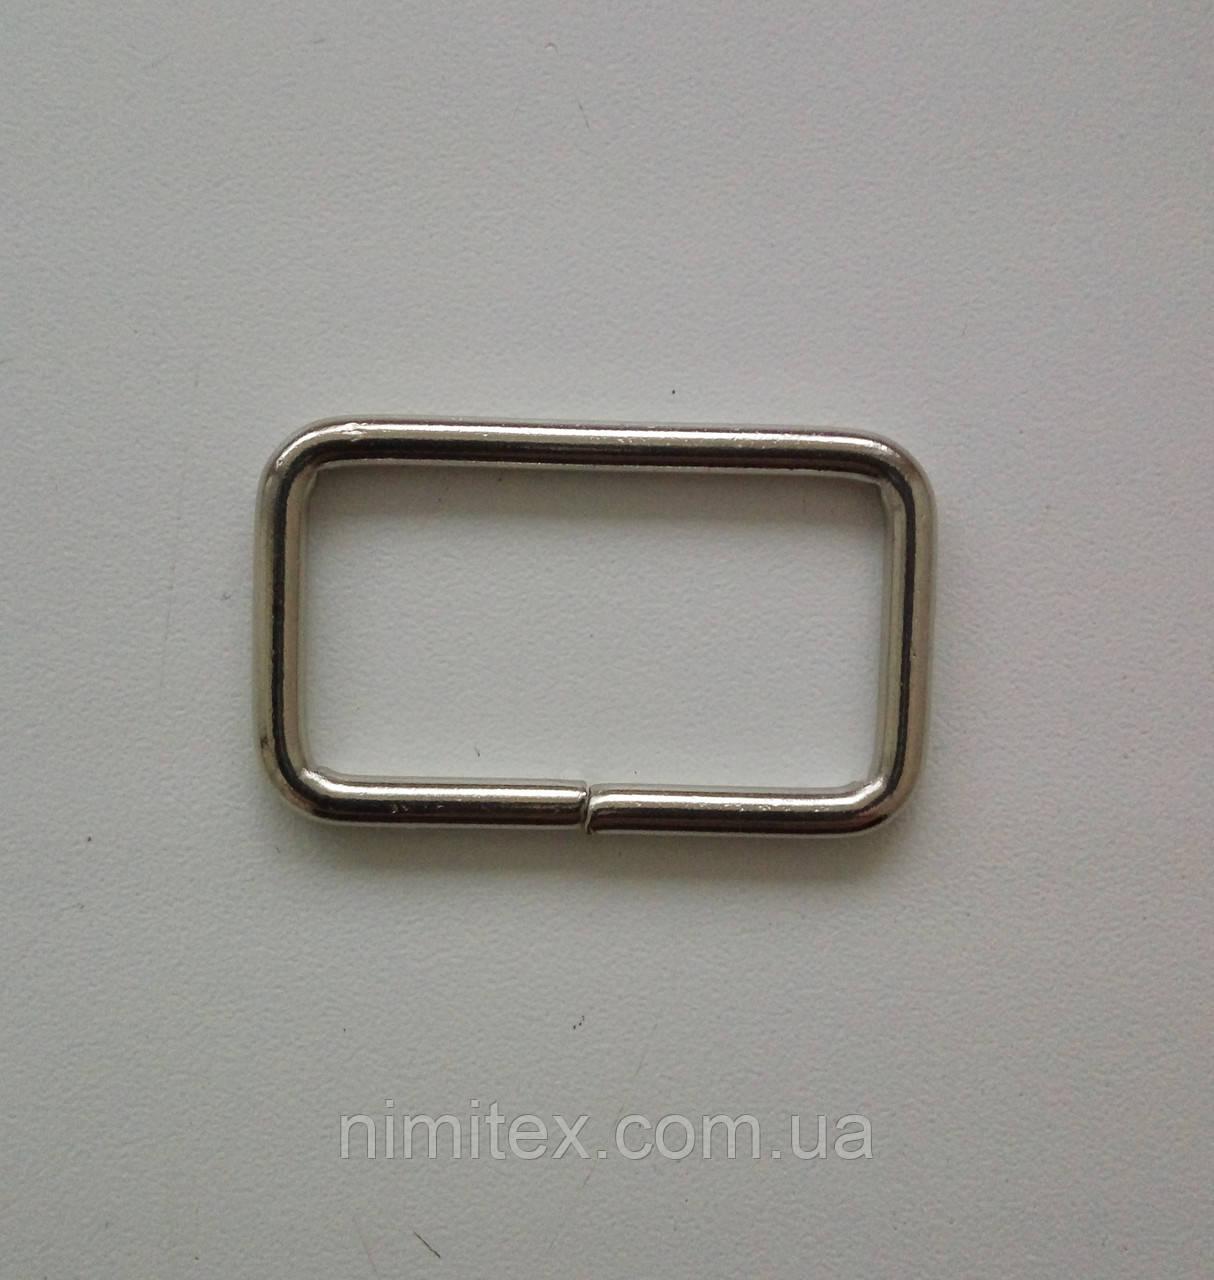 Рамка литая 35 мм, никель